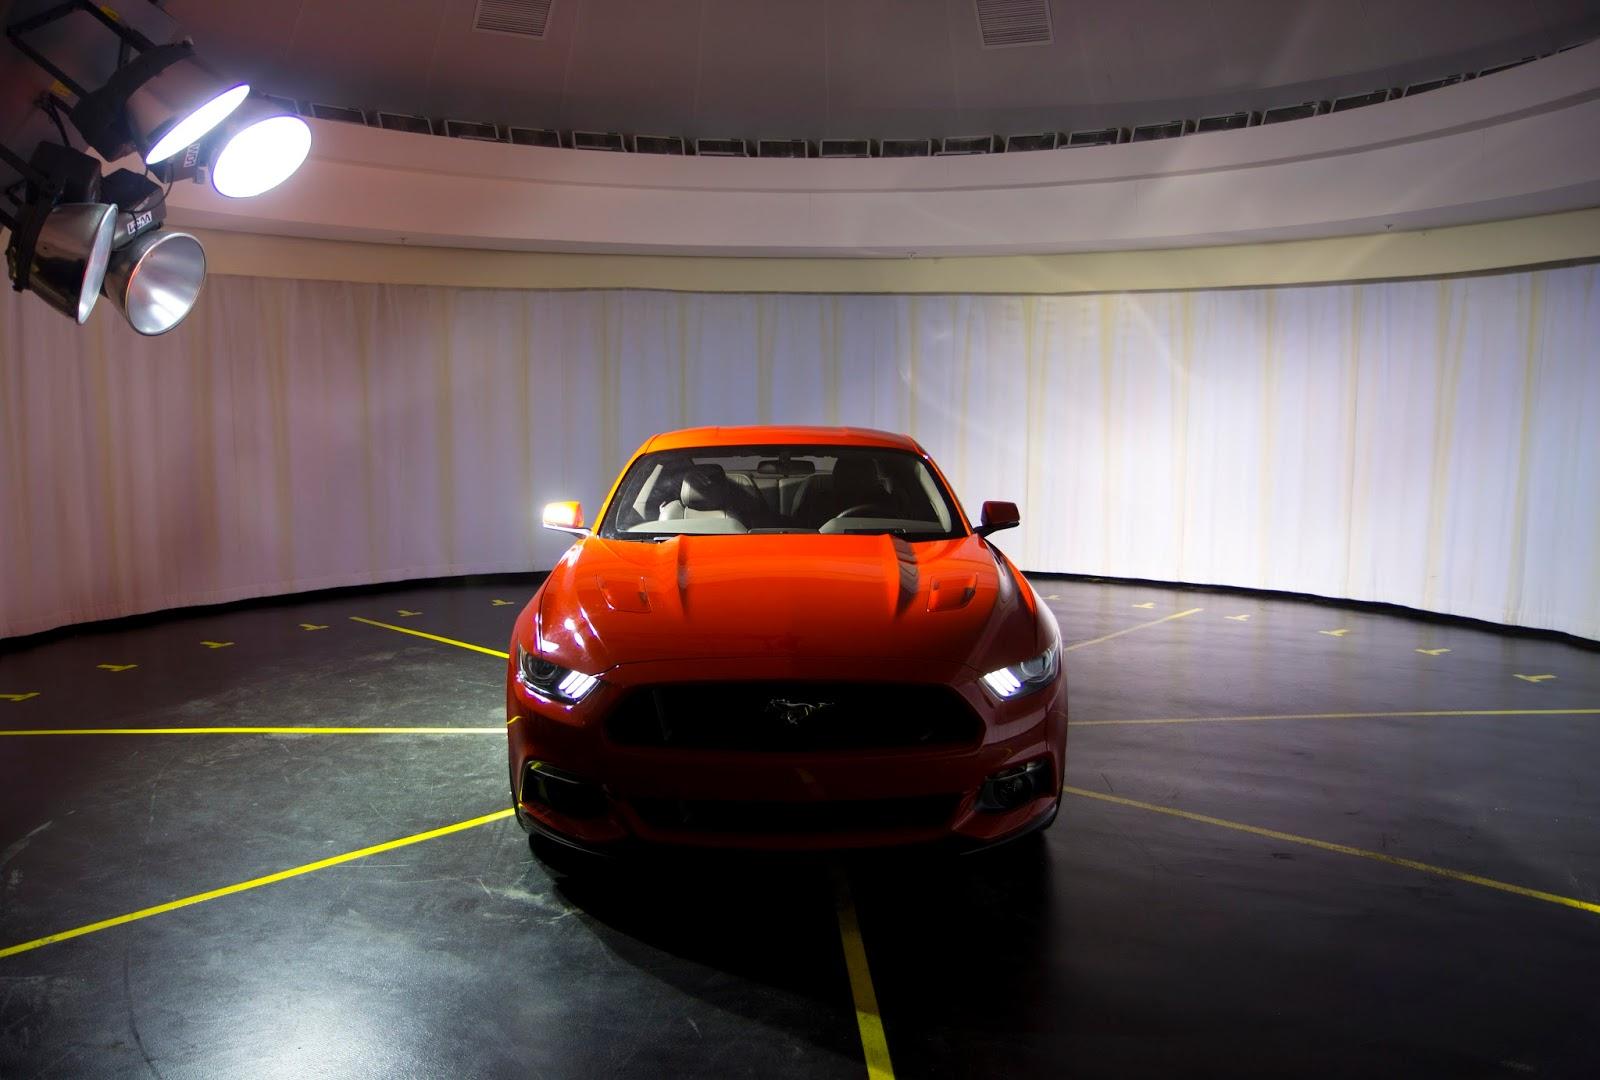 IMG 6953 HR Τα έξυπνα φώτα της Ford κάνουν παρελθόν το τύφλωμα από την μεγάλη σκάλα Ford, Τεχνολογία